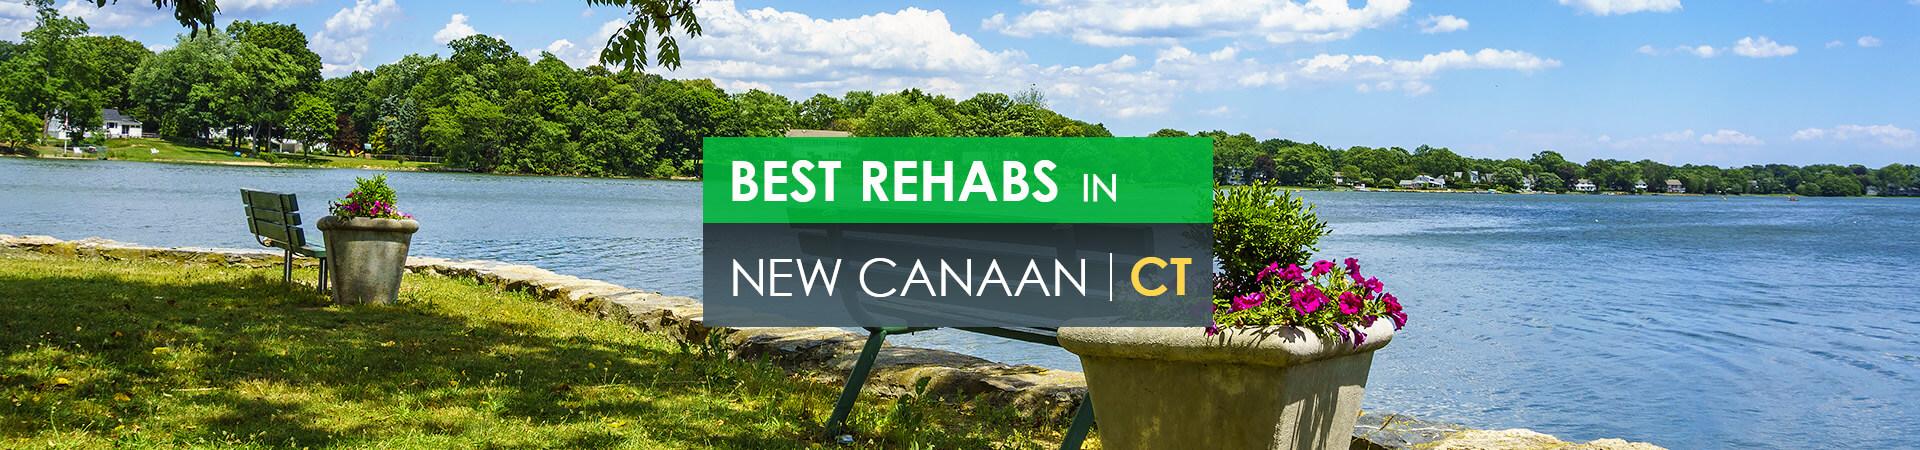 Best rehabs in New Canaan, CT